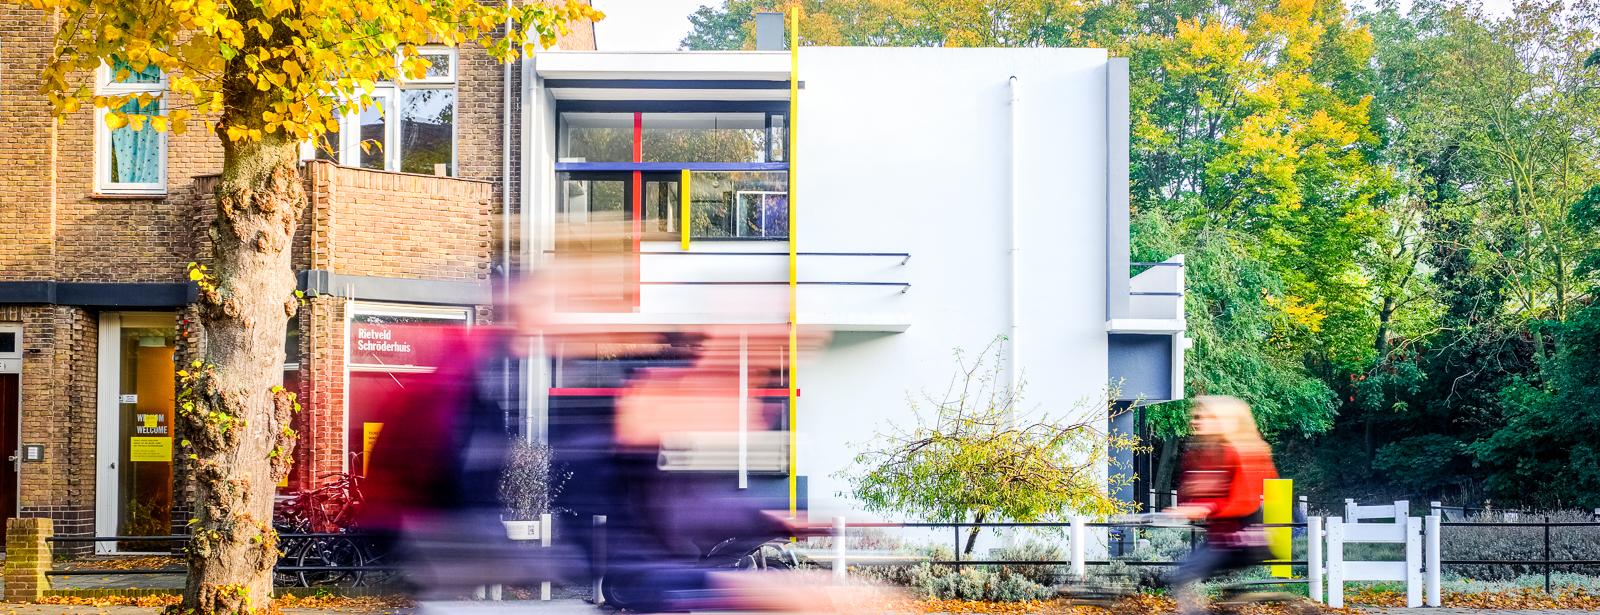 Rietveld Schroderhuis Utrecht, Kunst & Cultuur, bezienswaardigheden utrecht region pass